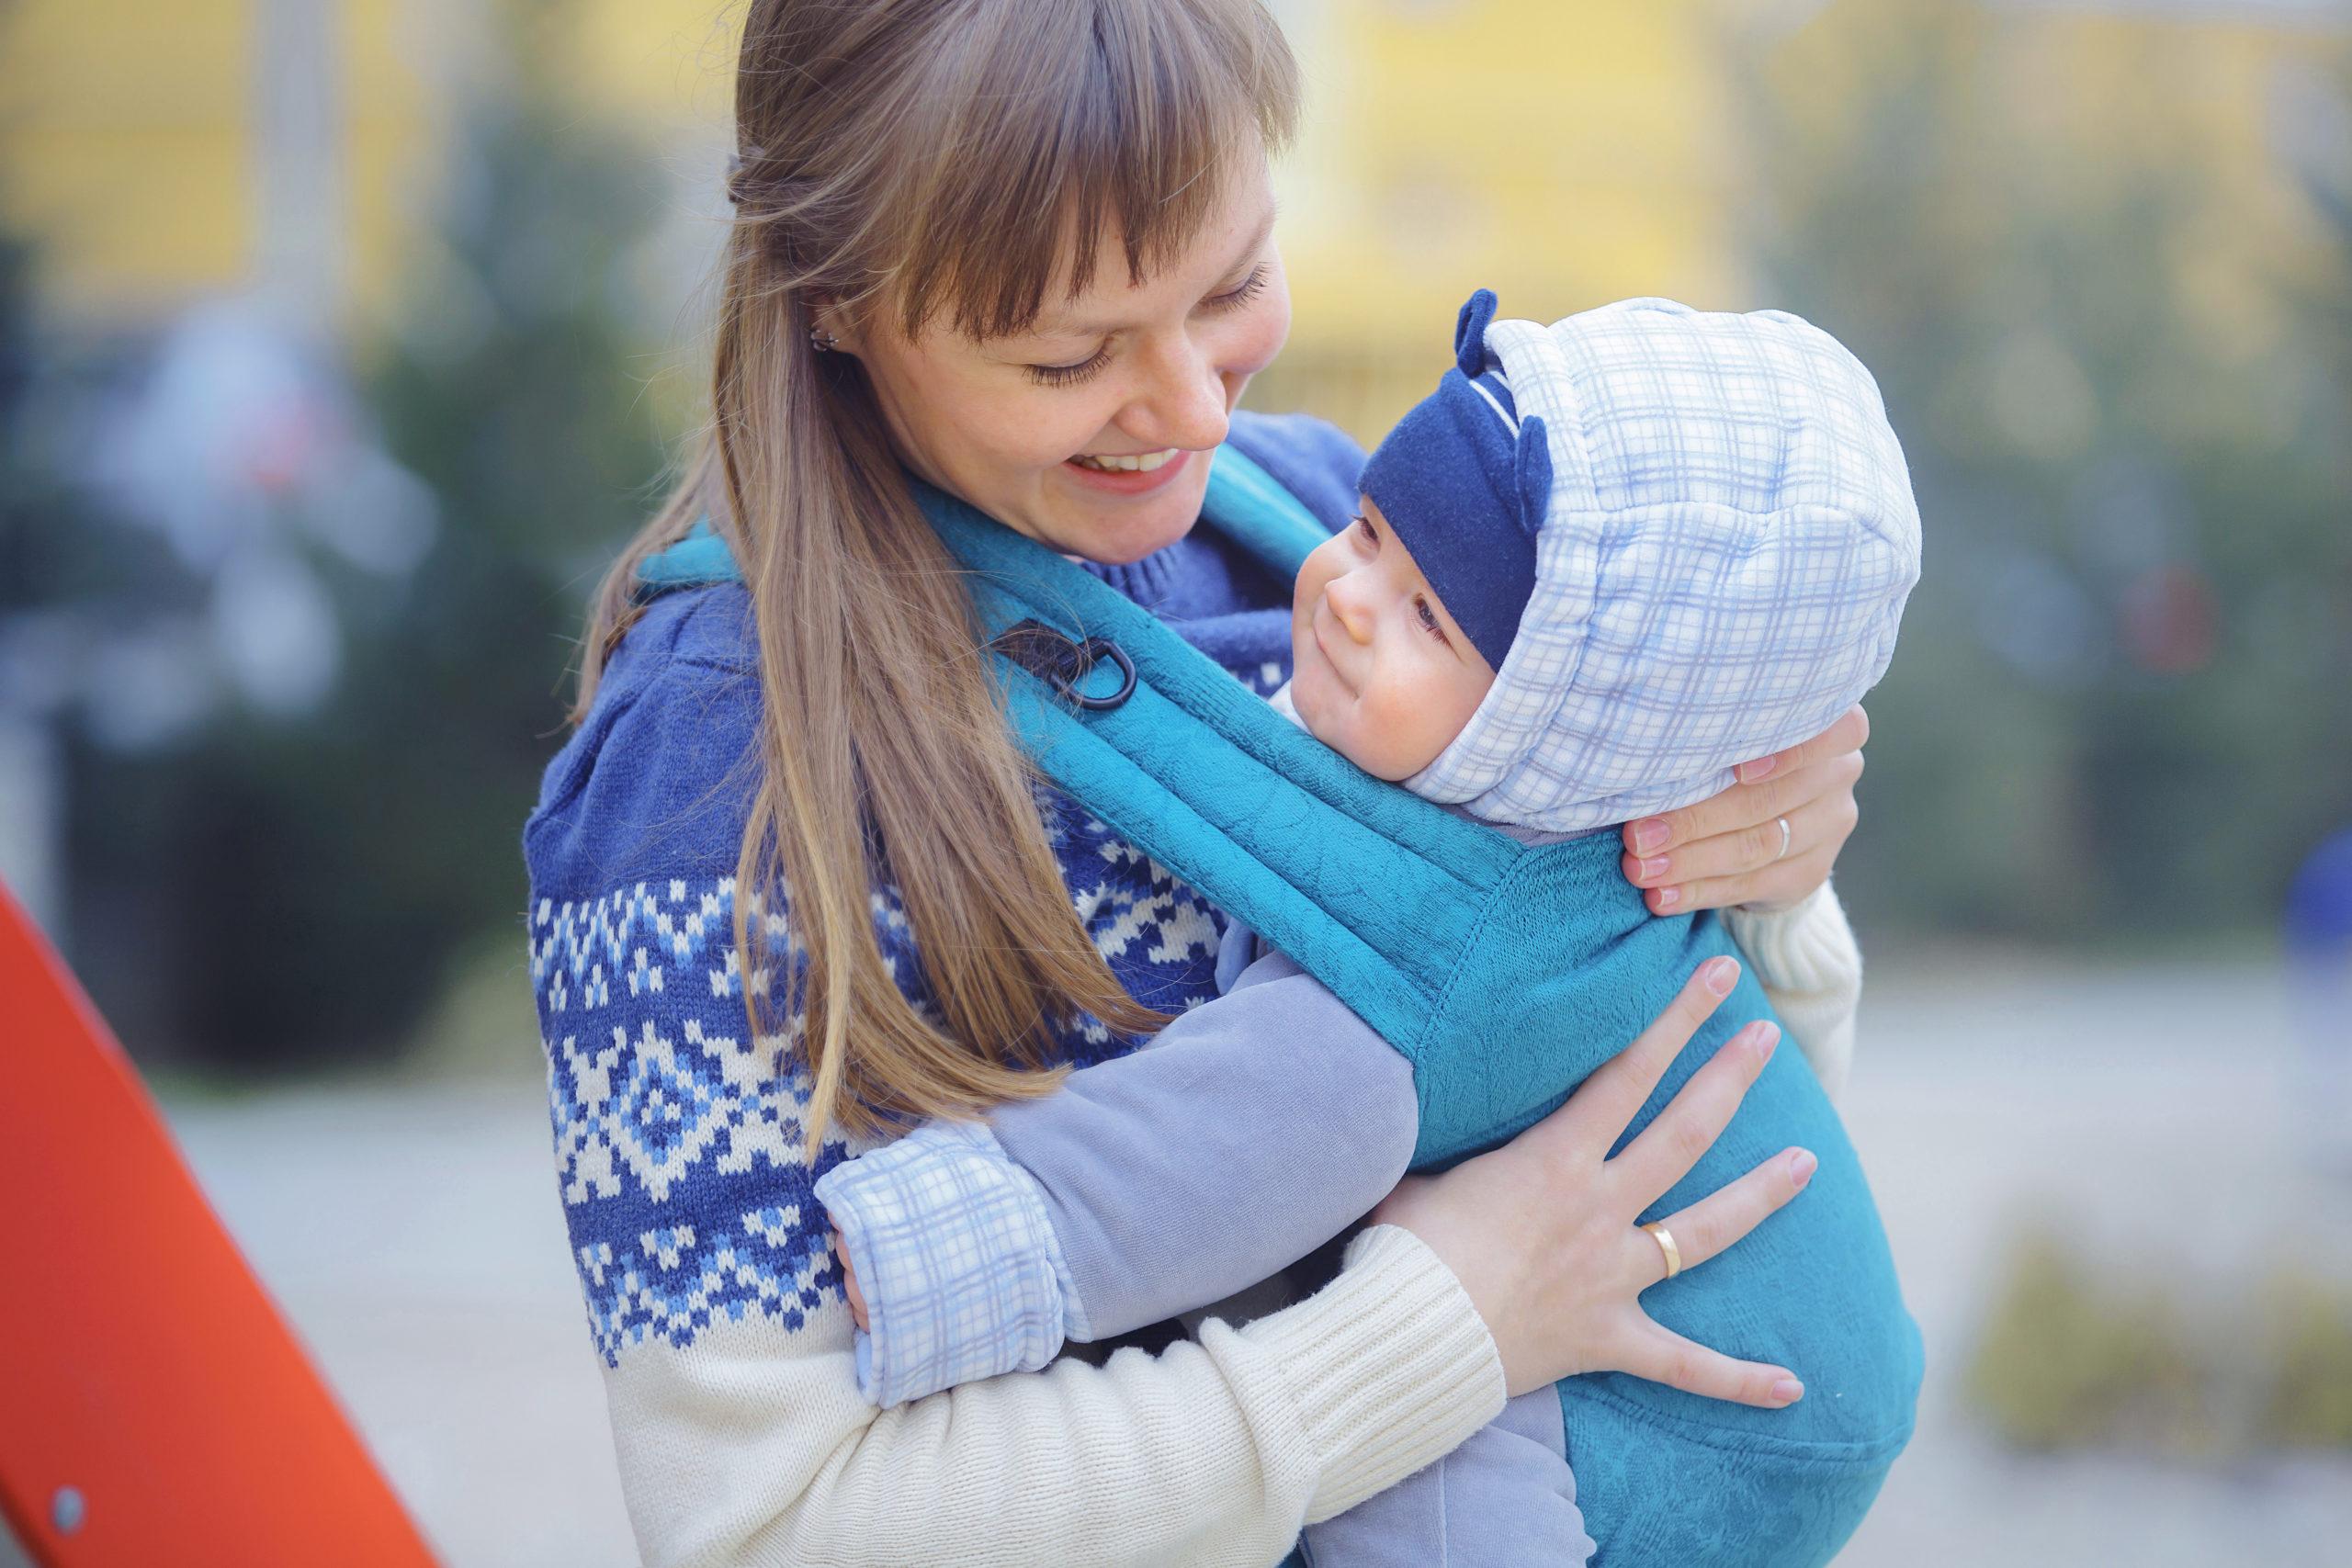 「子育て中だっておしゃれに過ごしたい!ママ用ダウンコートのすすめ」のアイキャッチ画像